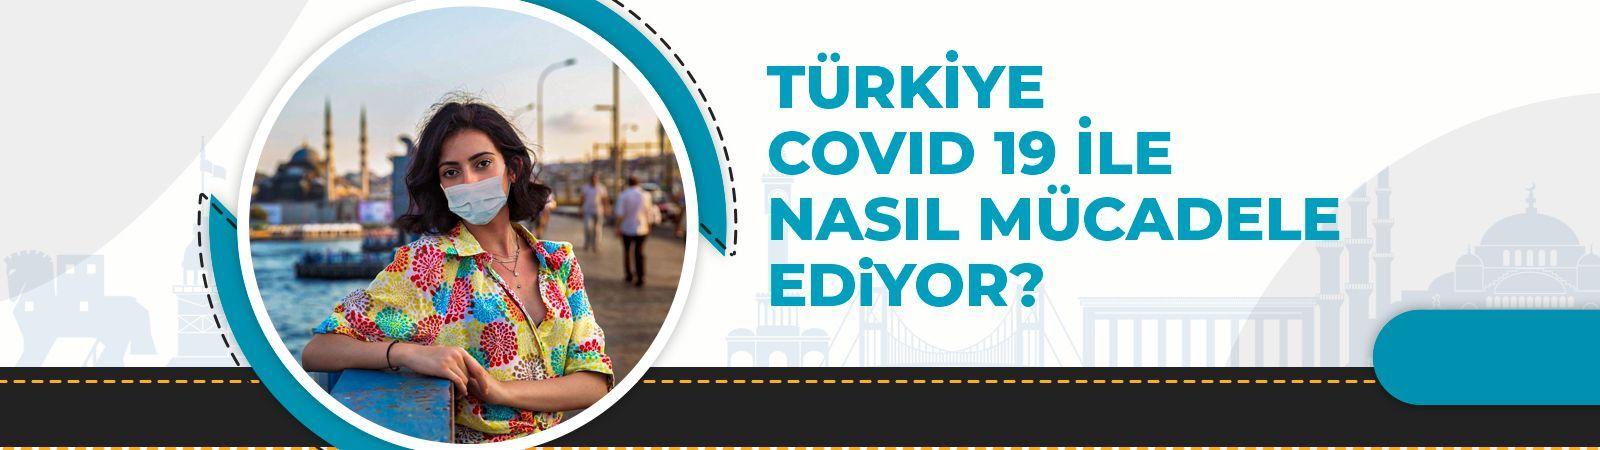 Türkiye Covid 19 ile Nasıl Mücadele Ediyor?